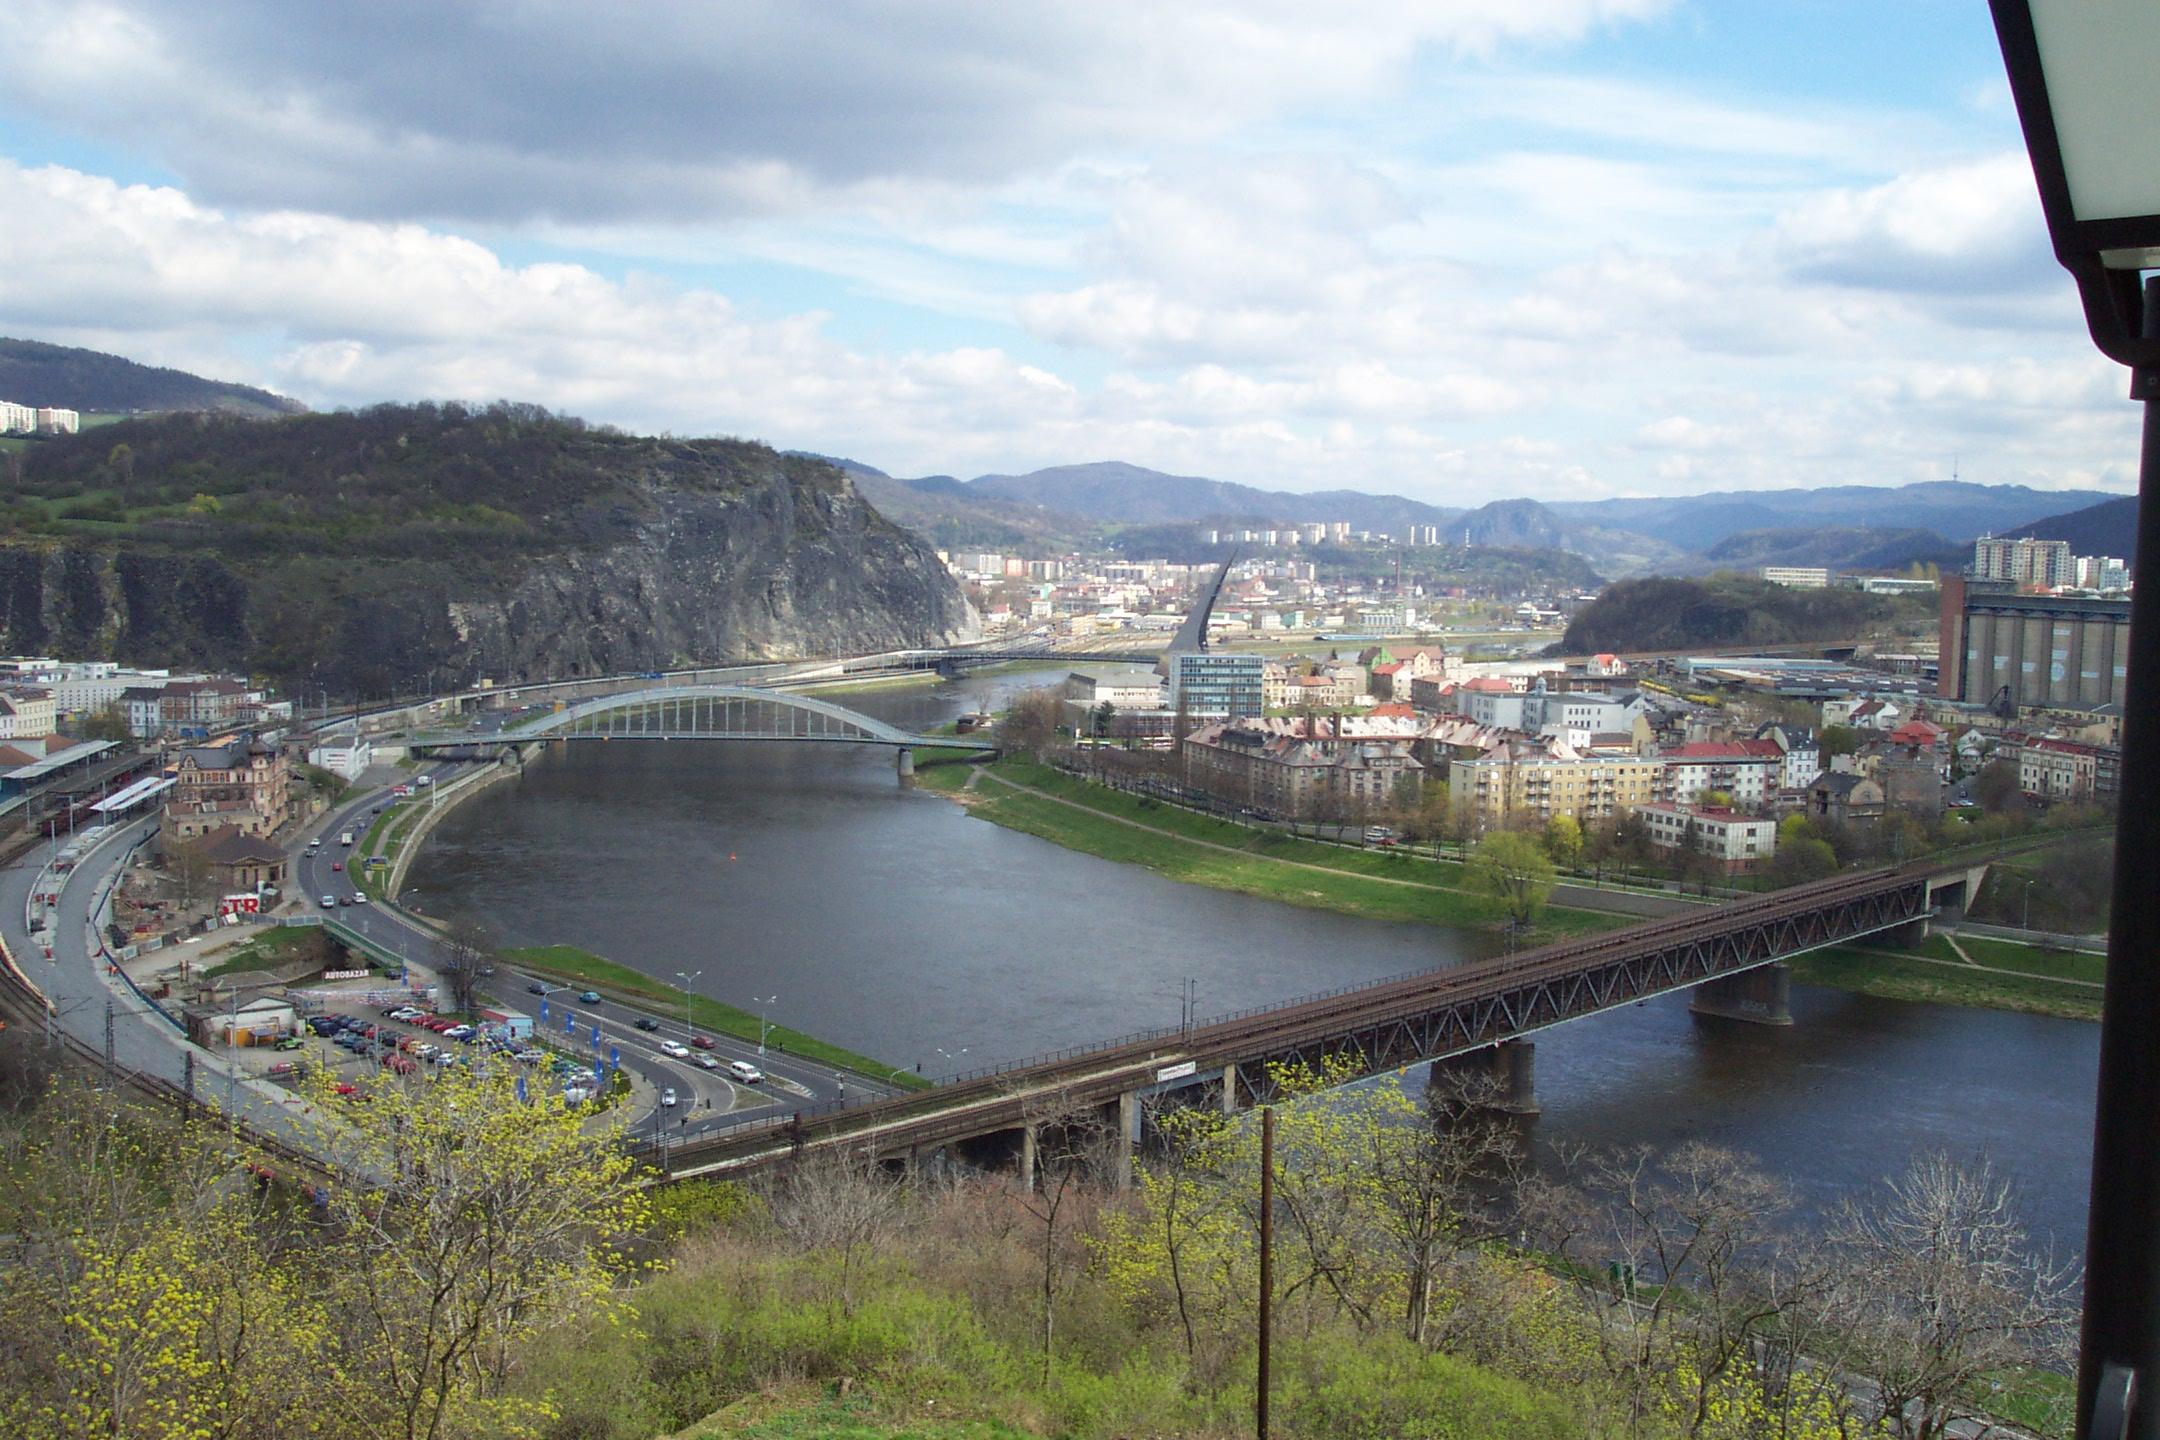 File:Ústí nad Labem, Větruše, Pohled na město.JPG - Wikimedia ...